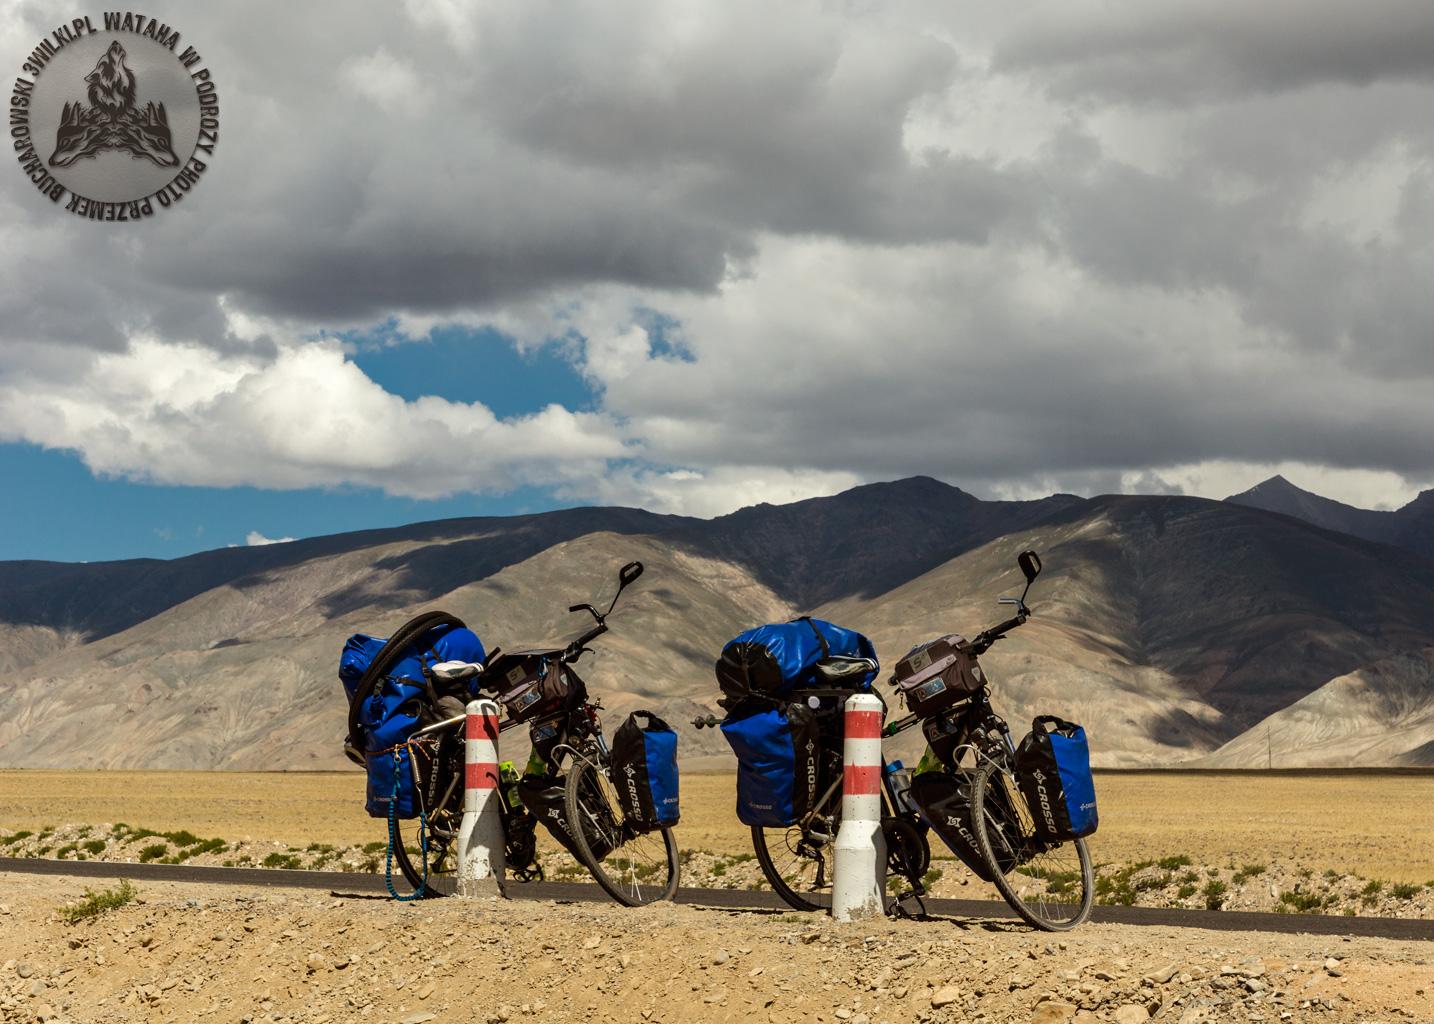 mongolia_tsambagaraw_rowery